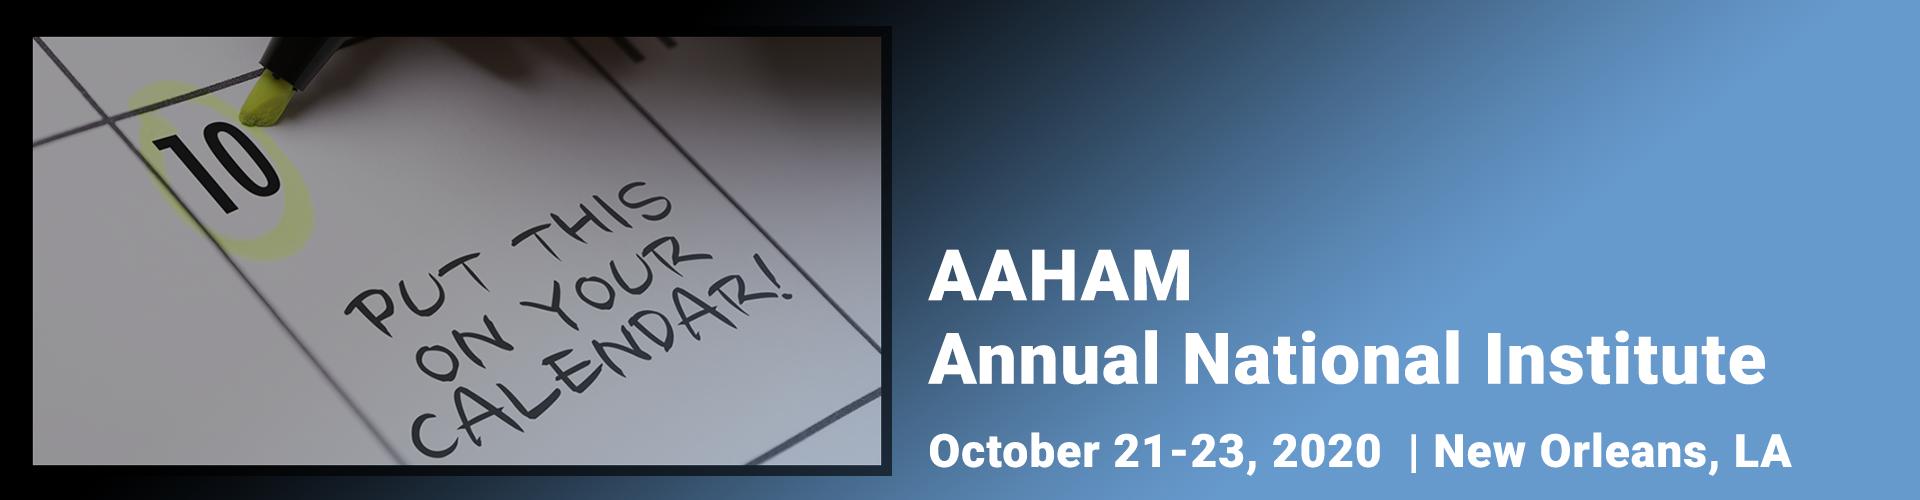 Calendar-Notice-AAHAM